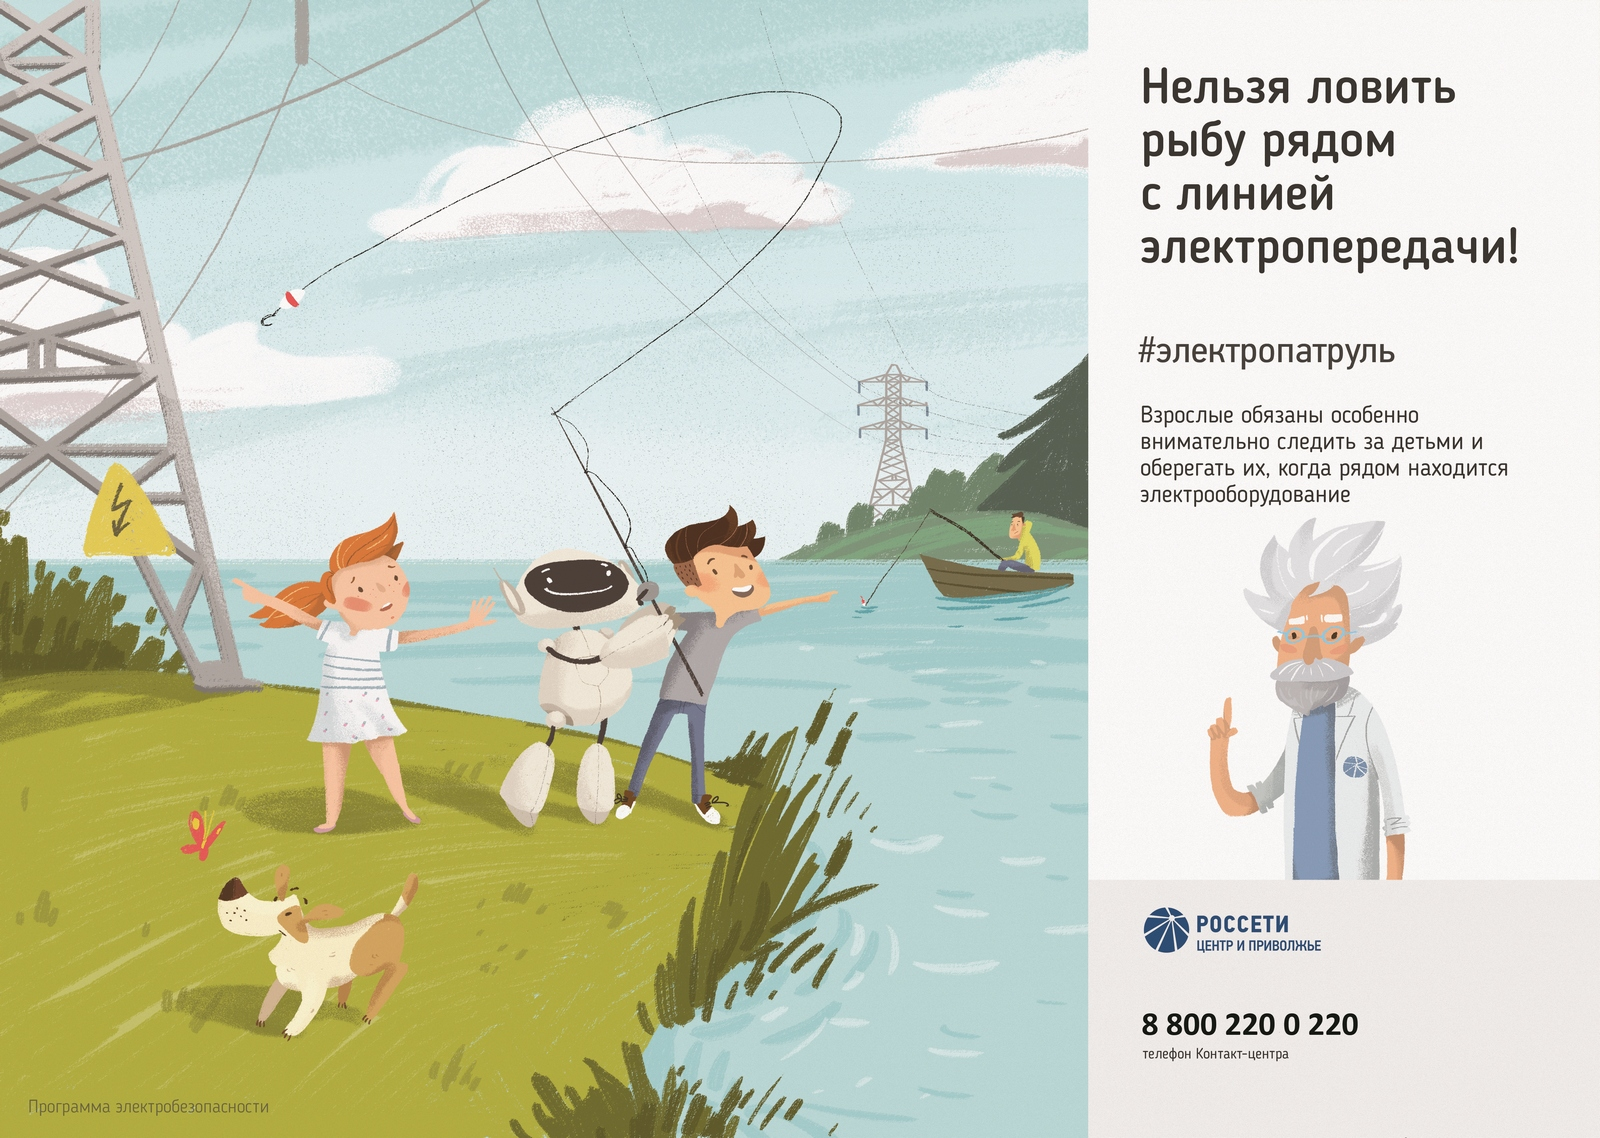 «Россети Центр и Приволжье Мариэнерго напоминает рыболовам о важности соблюдения правил электробезопасности